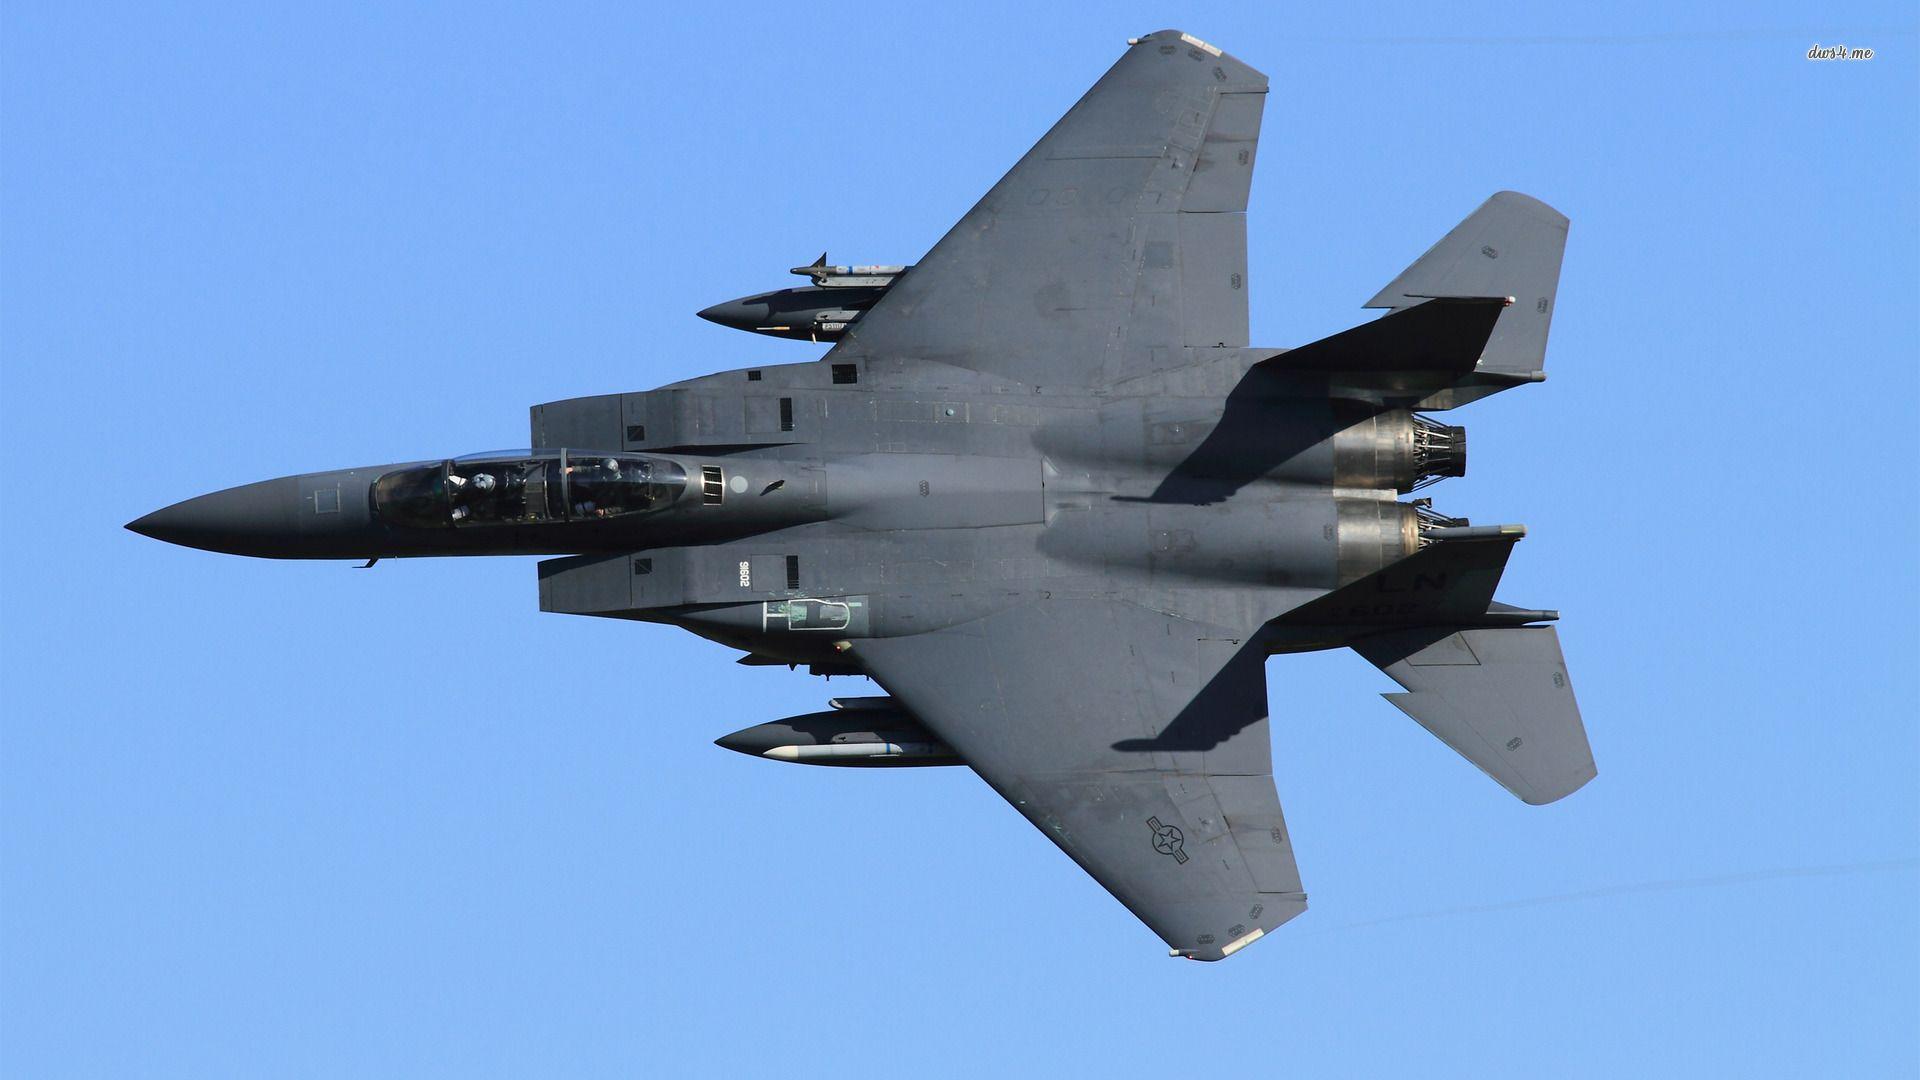 mcdonnell douglas f-15 eagle hd images 9 | mcdonnell douglas f-15